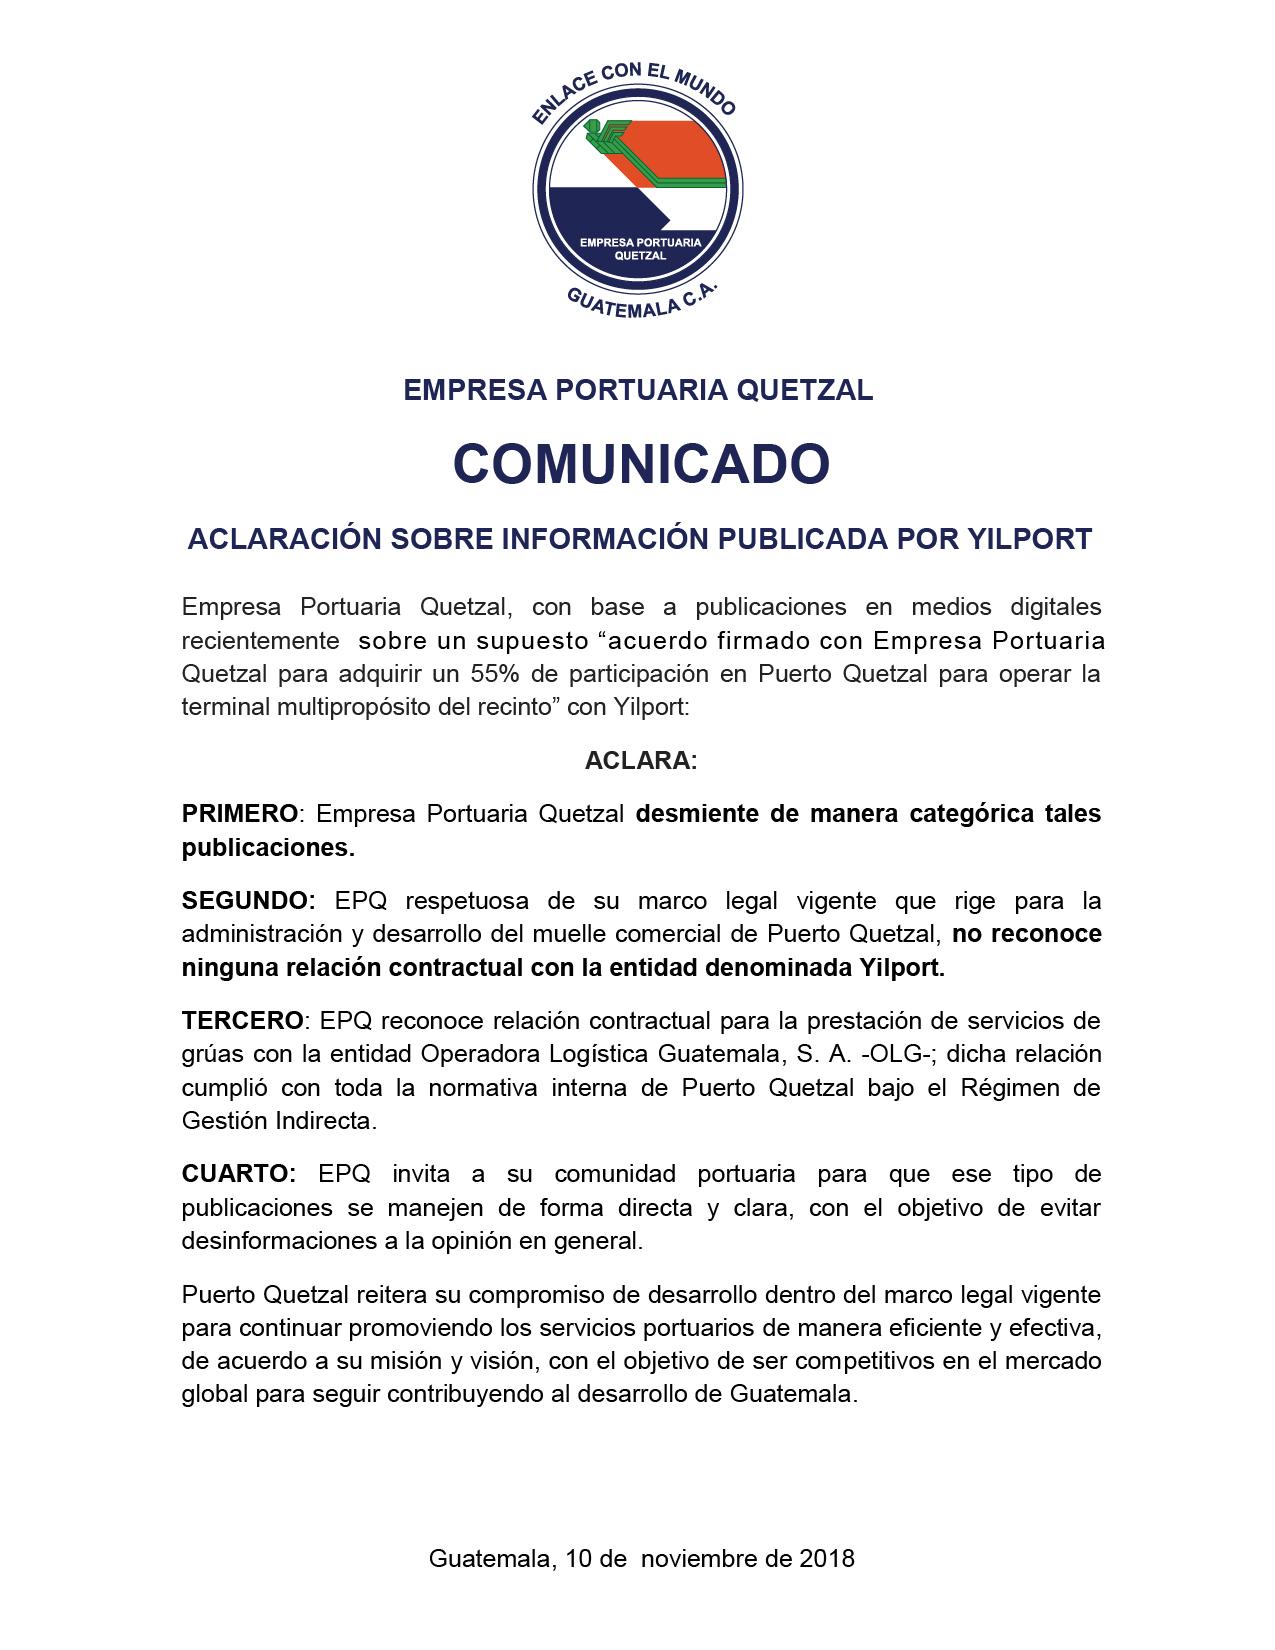 COMUNICADO URGENTE DE EPQ! Aclaración a la comunidad portuaria y opinión pública sobre publicación de Yilport.